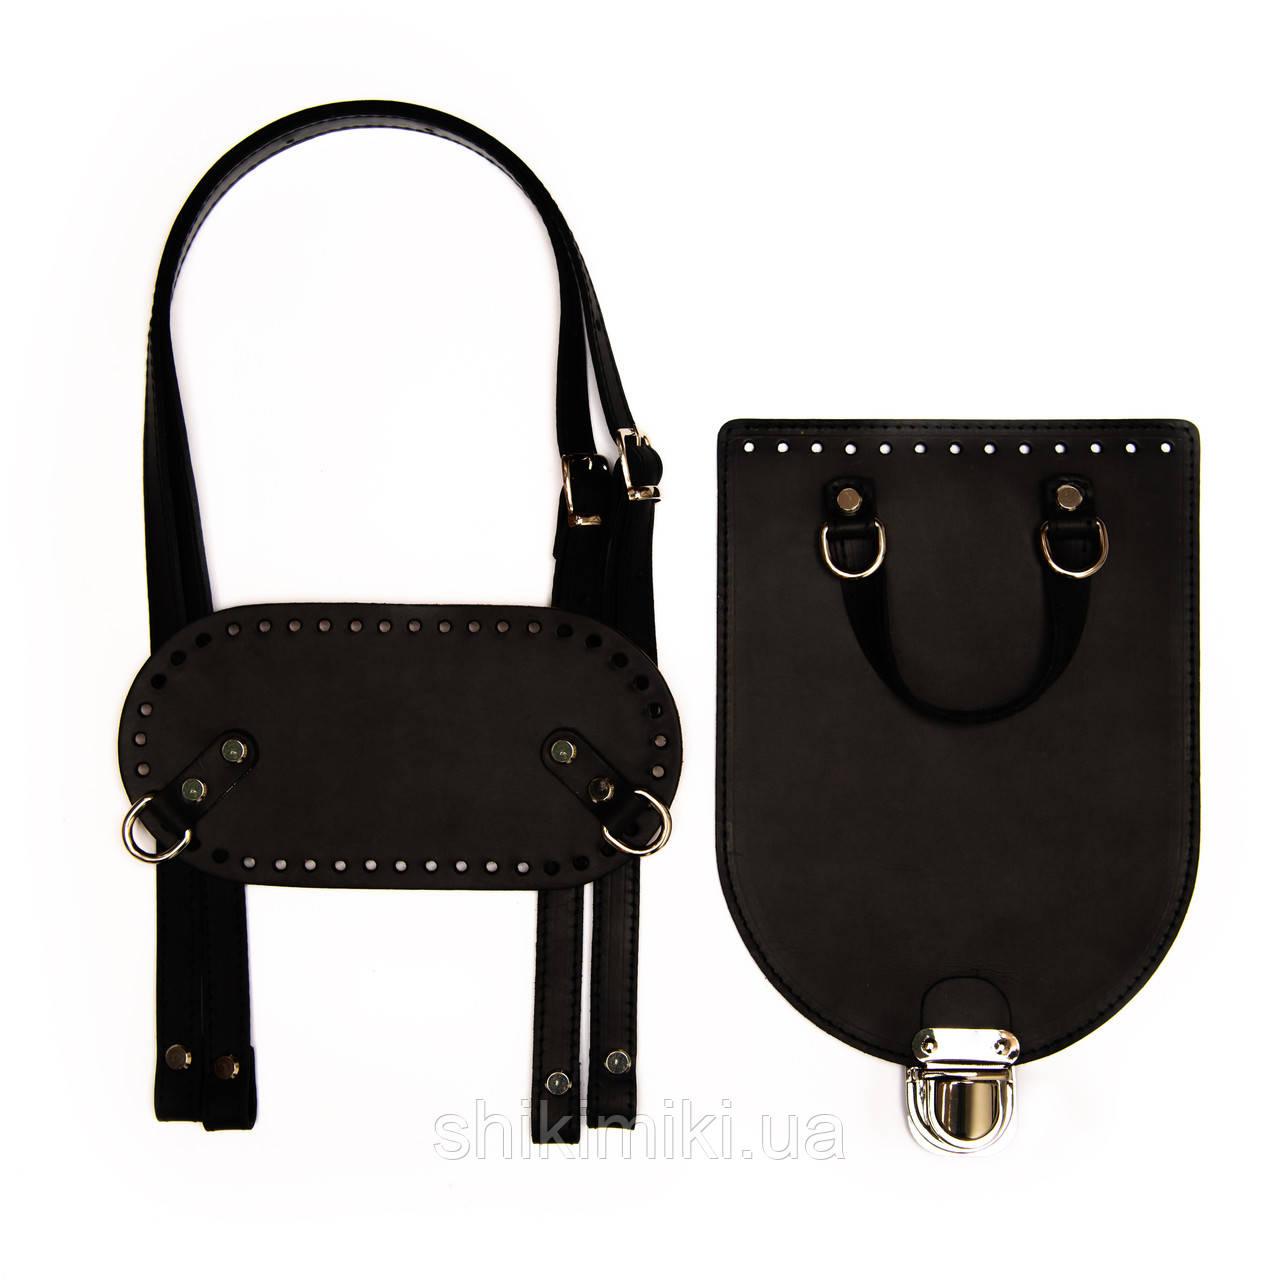 Рюкзачный комплект Saffiano из кожи, цвет черный